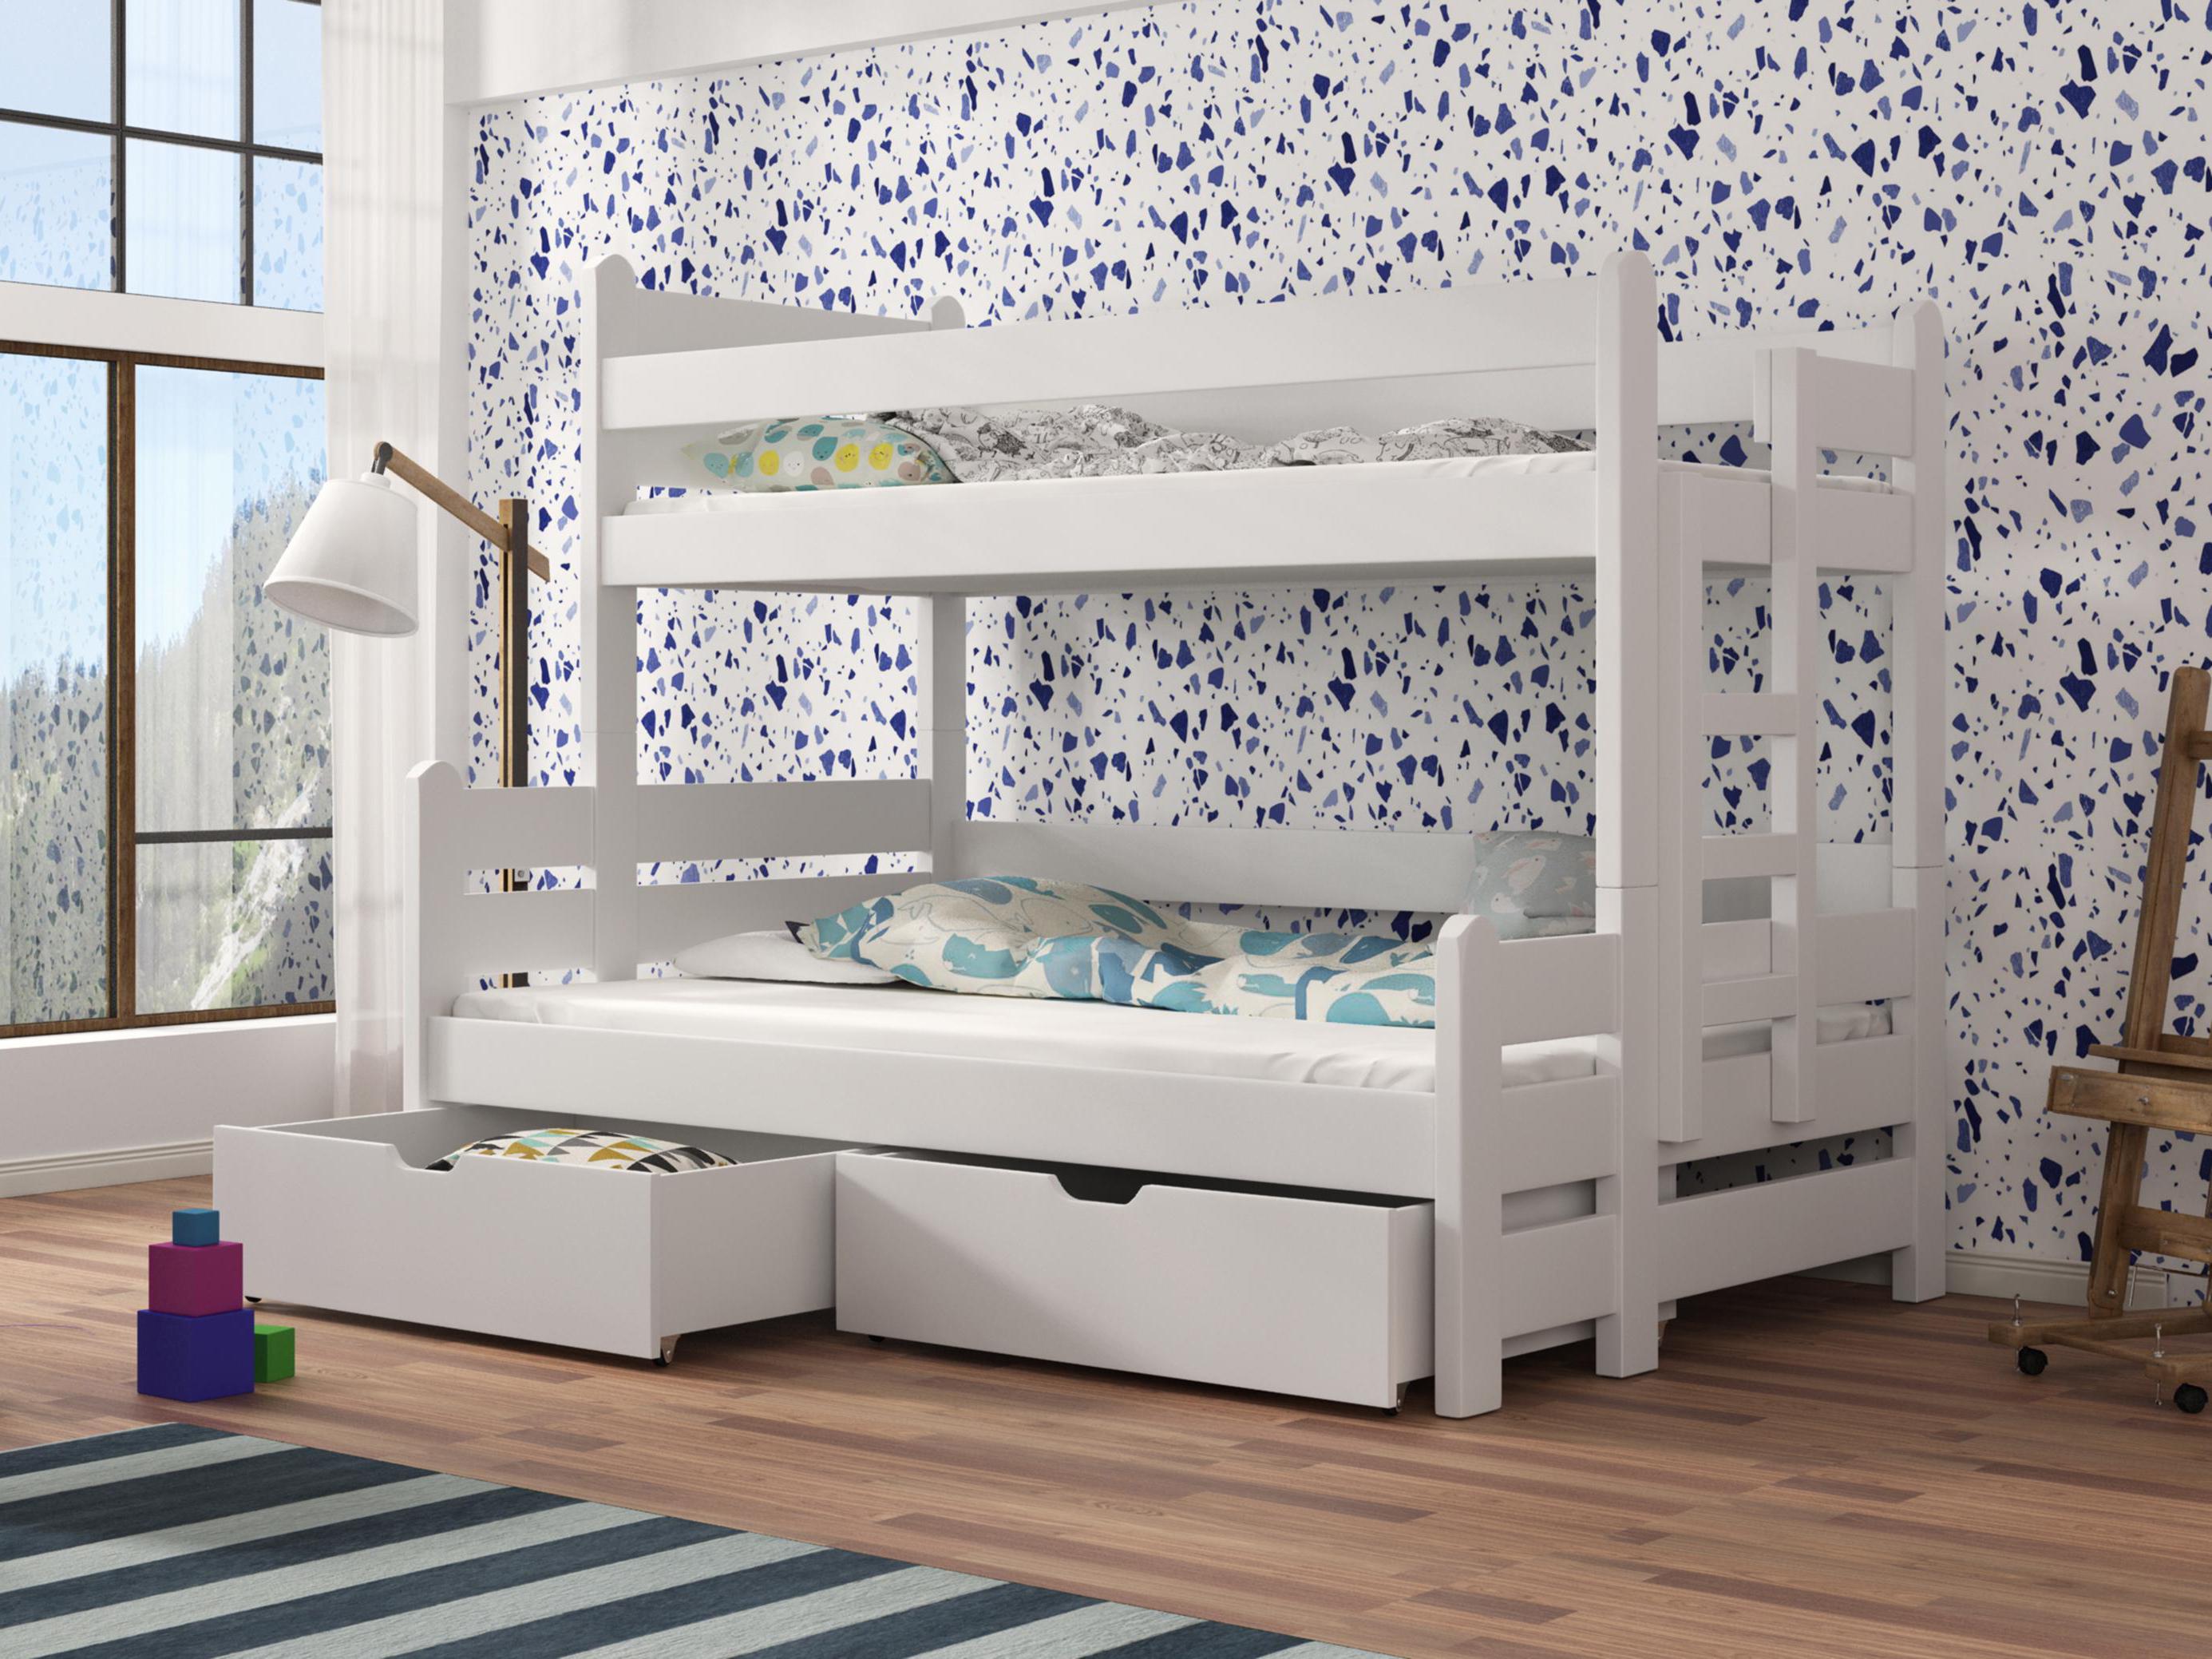 808a6b7a1b5e9 Detská poschodová posteľ 90 cm Bivi (biela) | NovýNábytok.sk